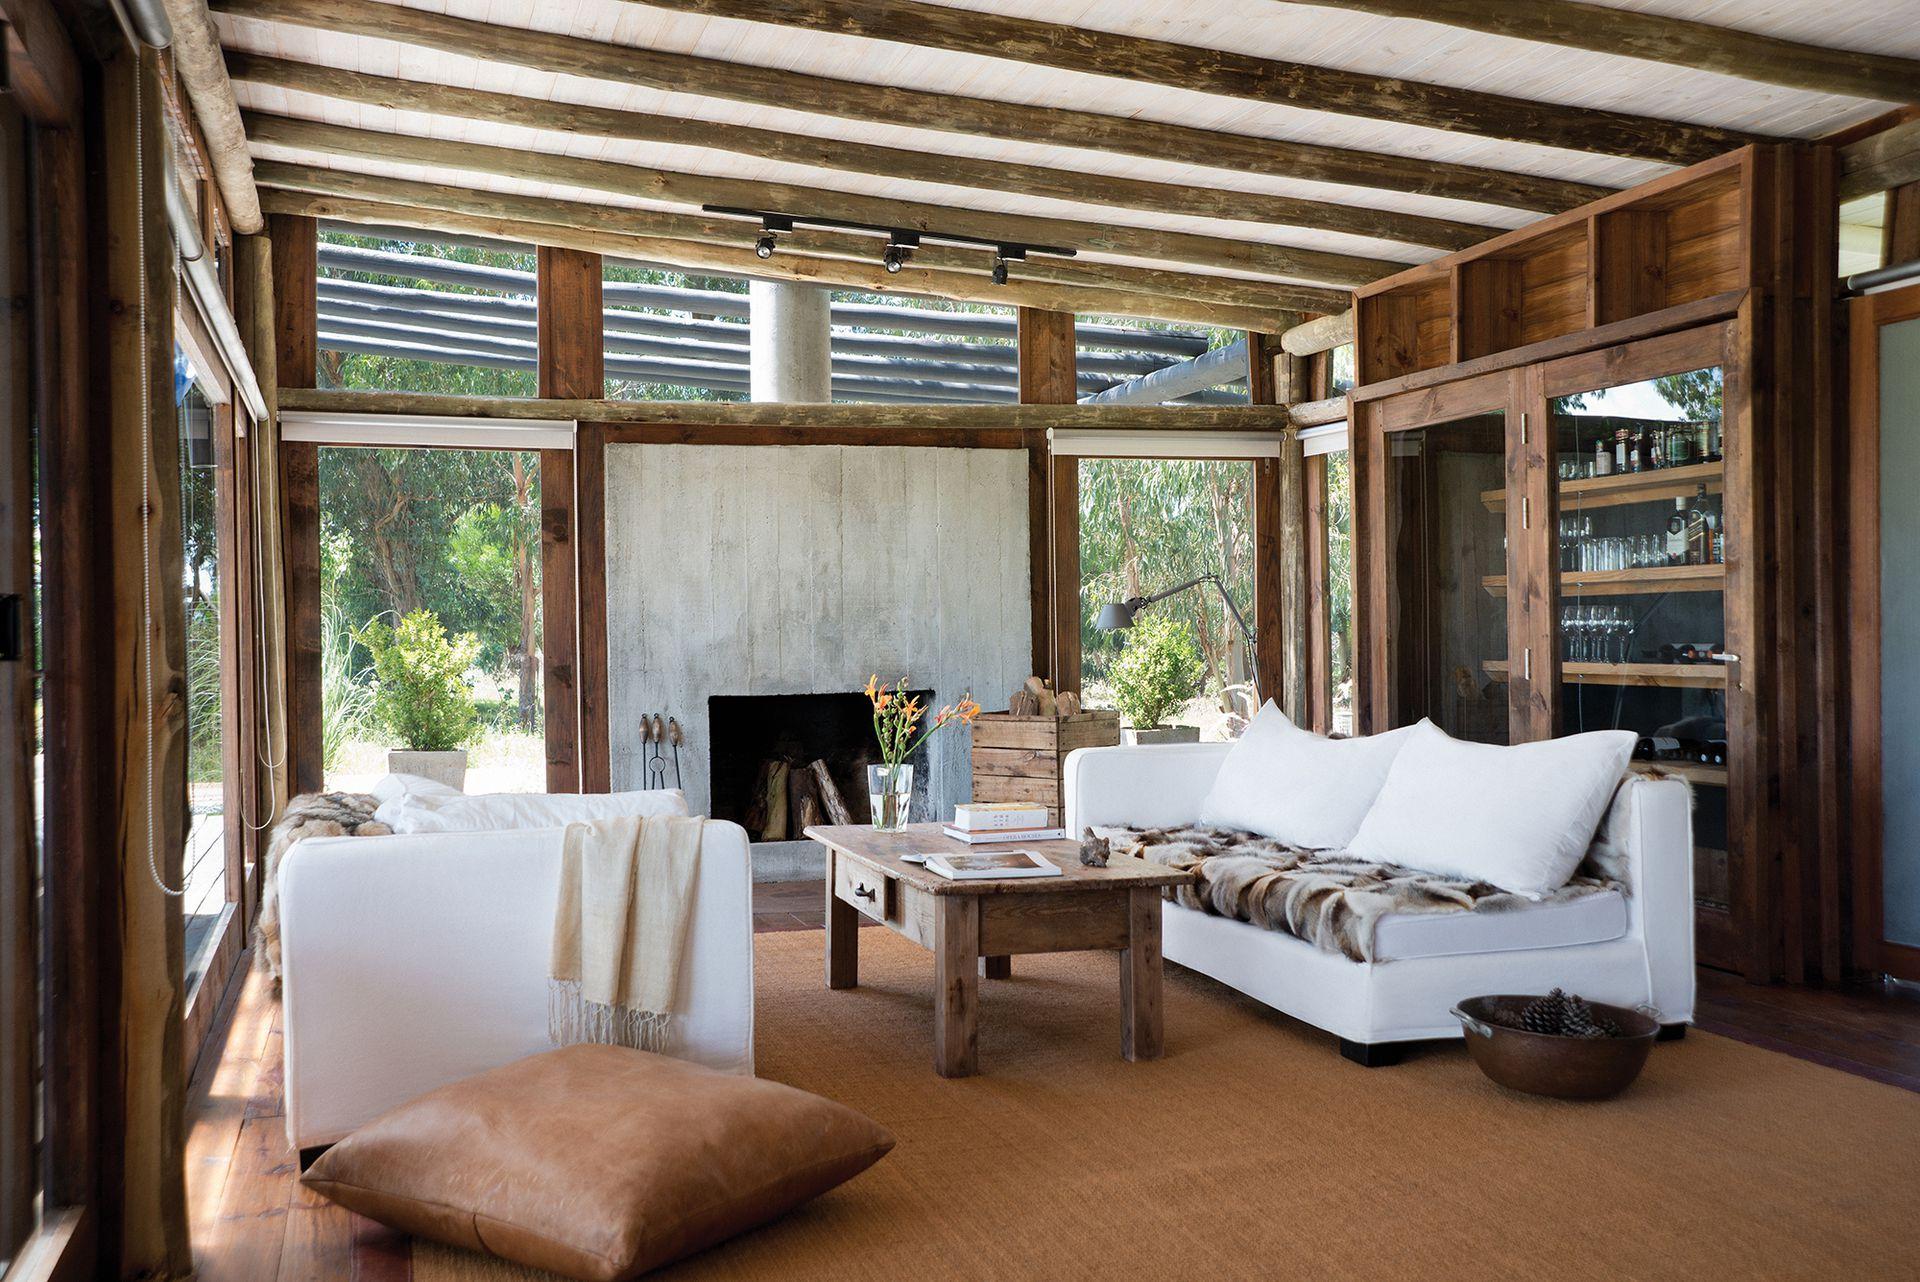 Modernos cerramientos de aluminio generan el confort y la versatilidad necesarios para abrir los espacios al exterior.